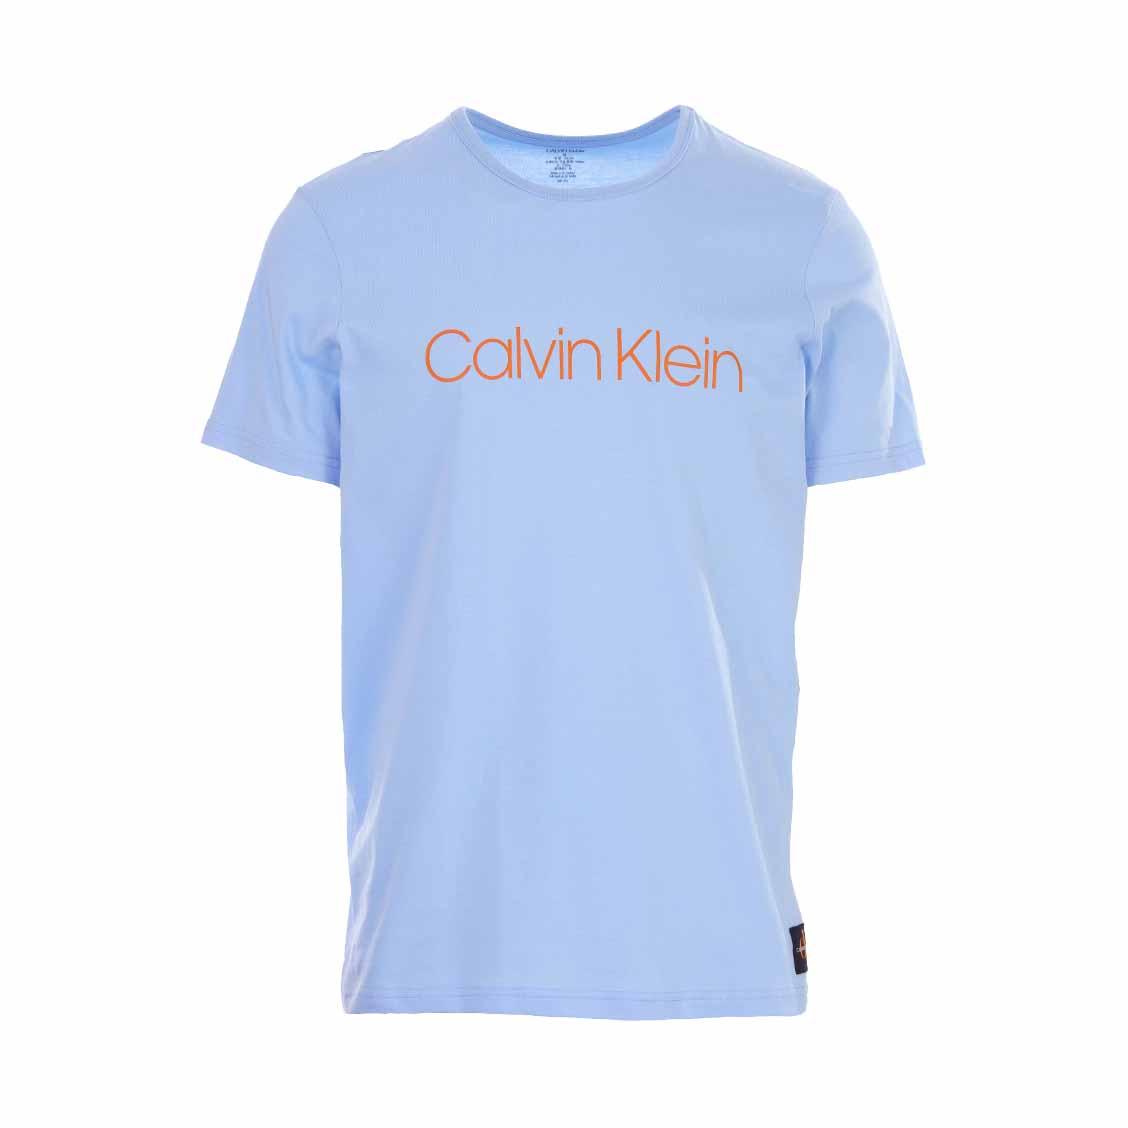 Tee-shirt col rond calvin klein en coton bleu ciel floqué en orange